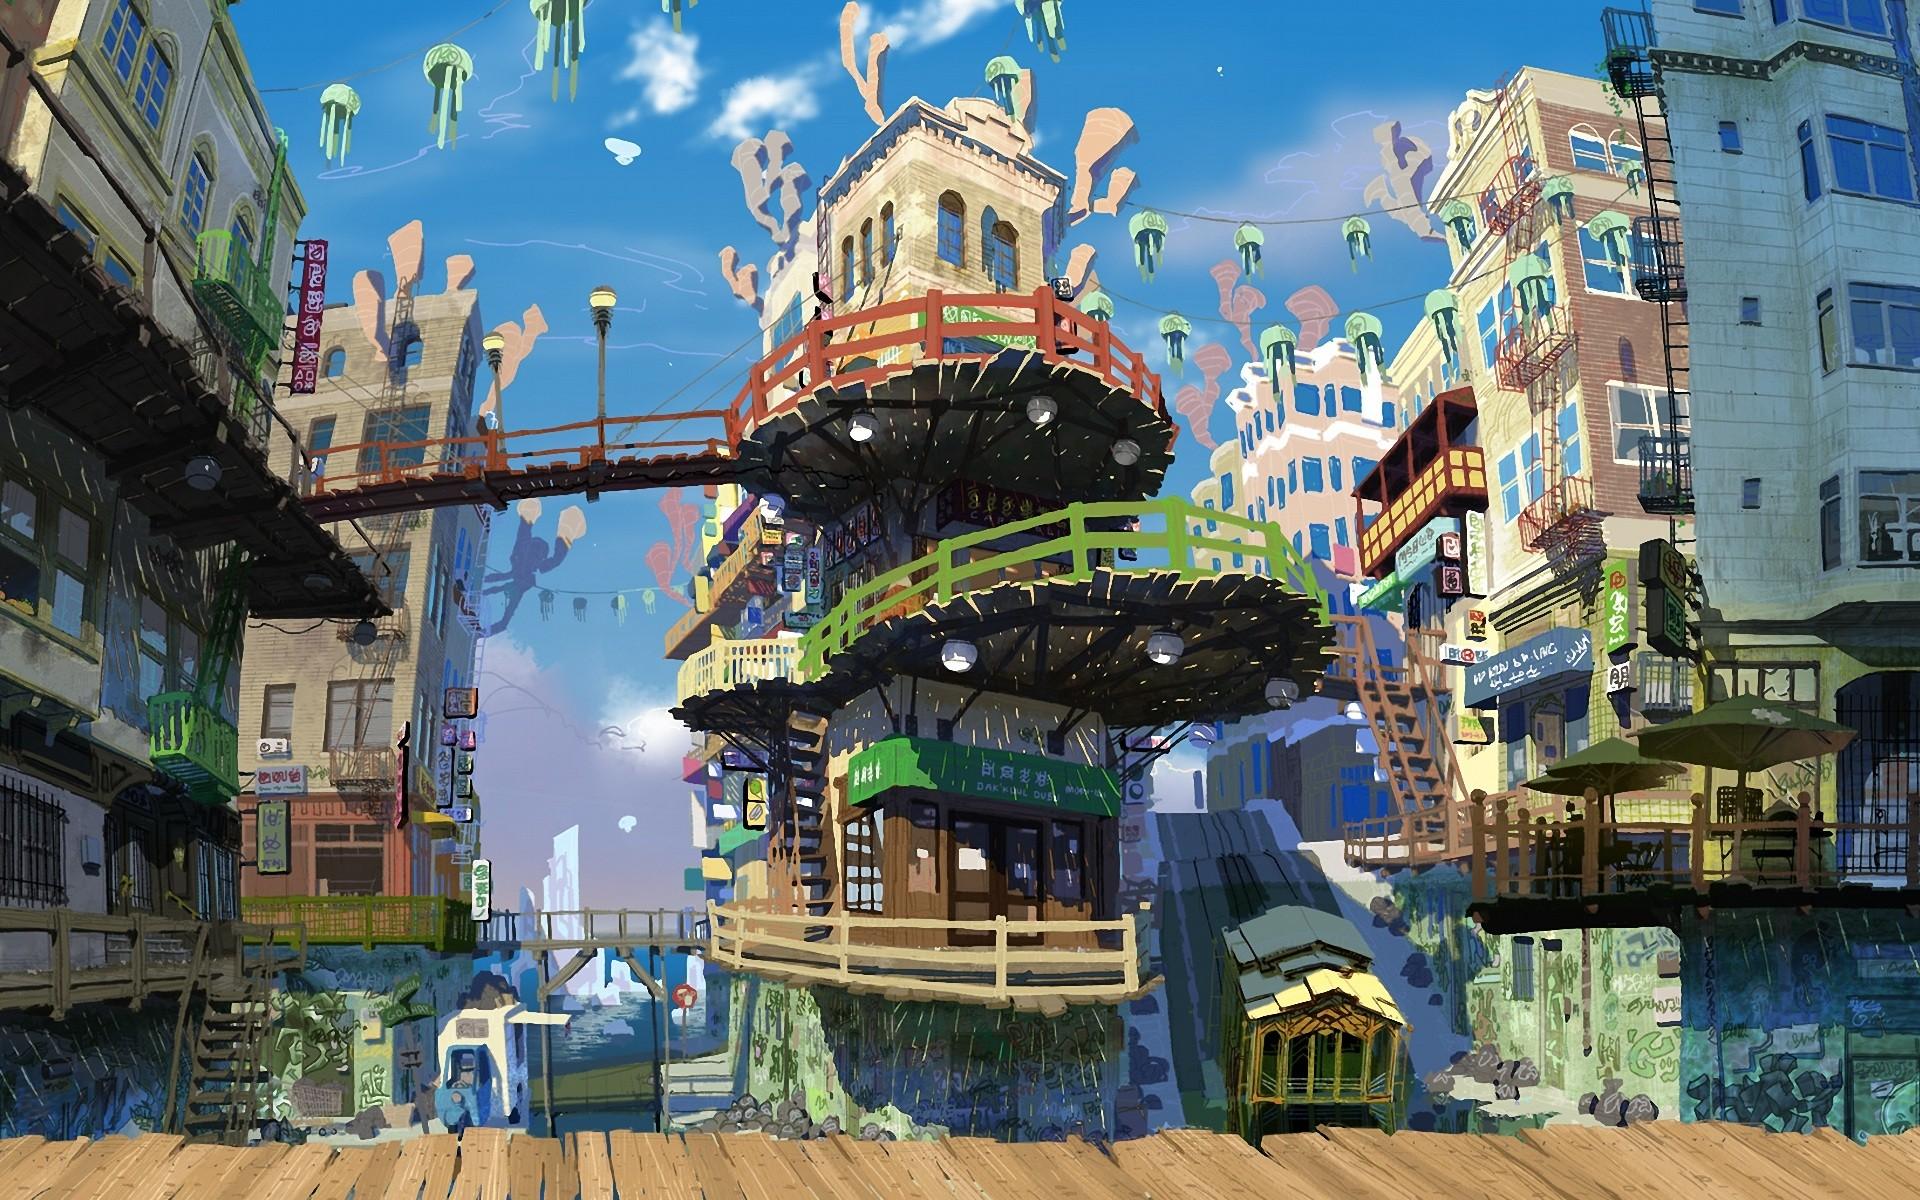 аниме обои для рабочего стола аниме города № 832006 бесплатно